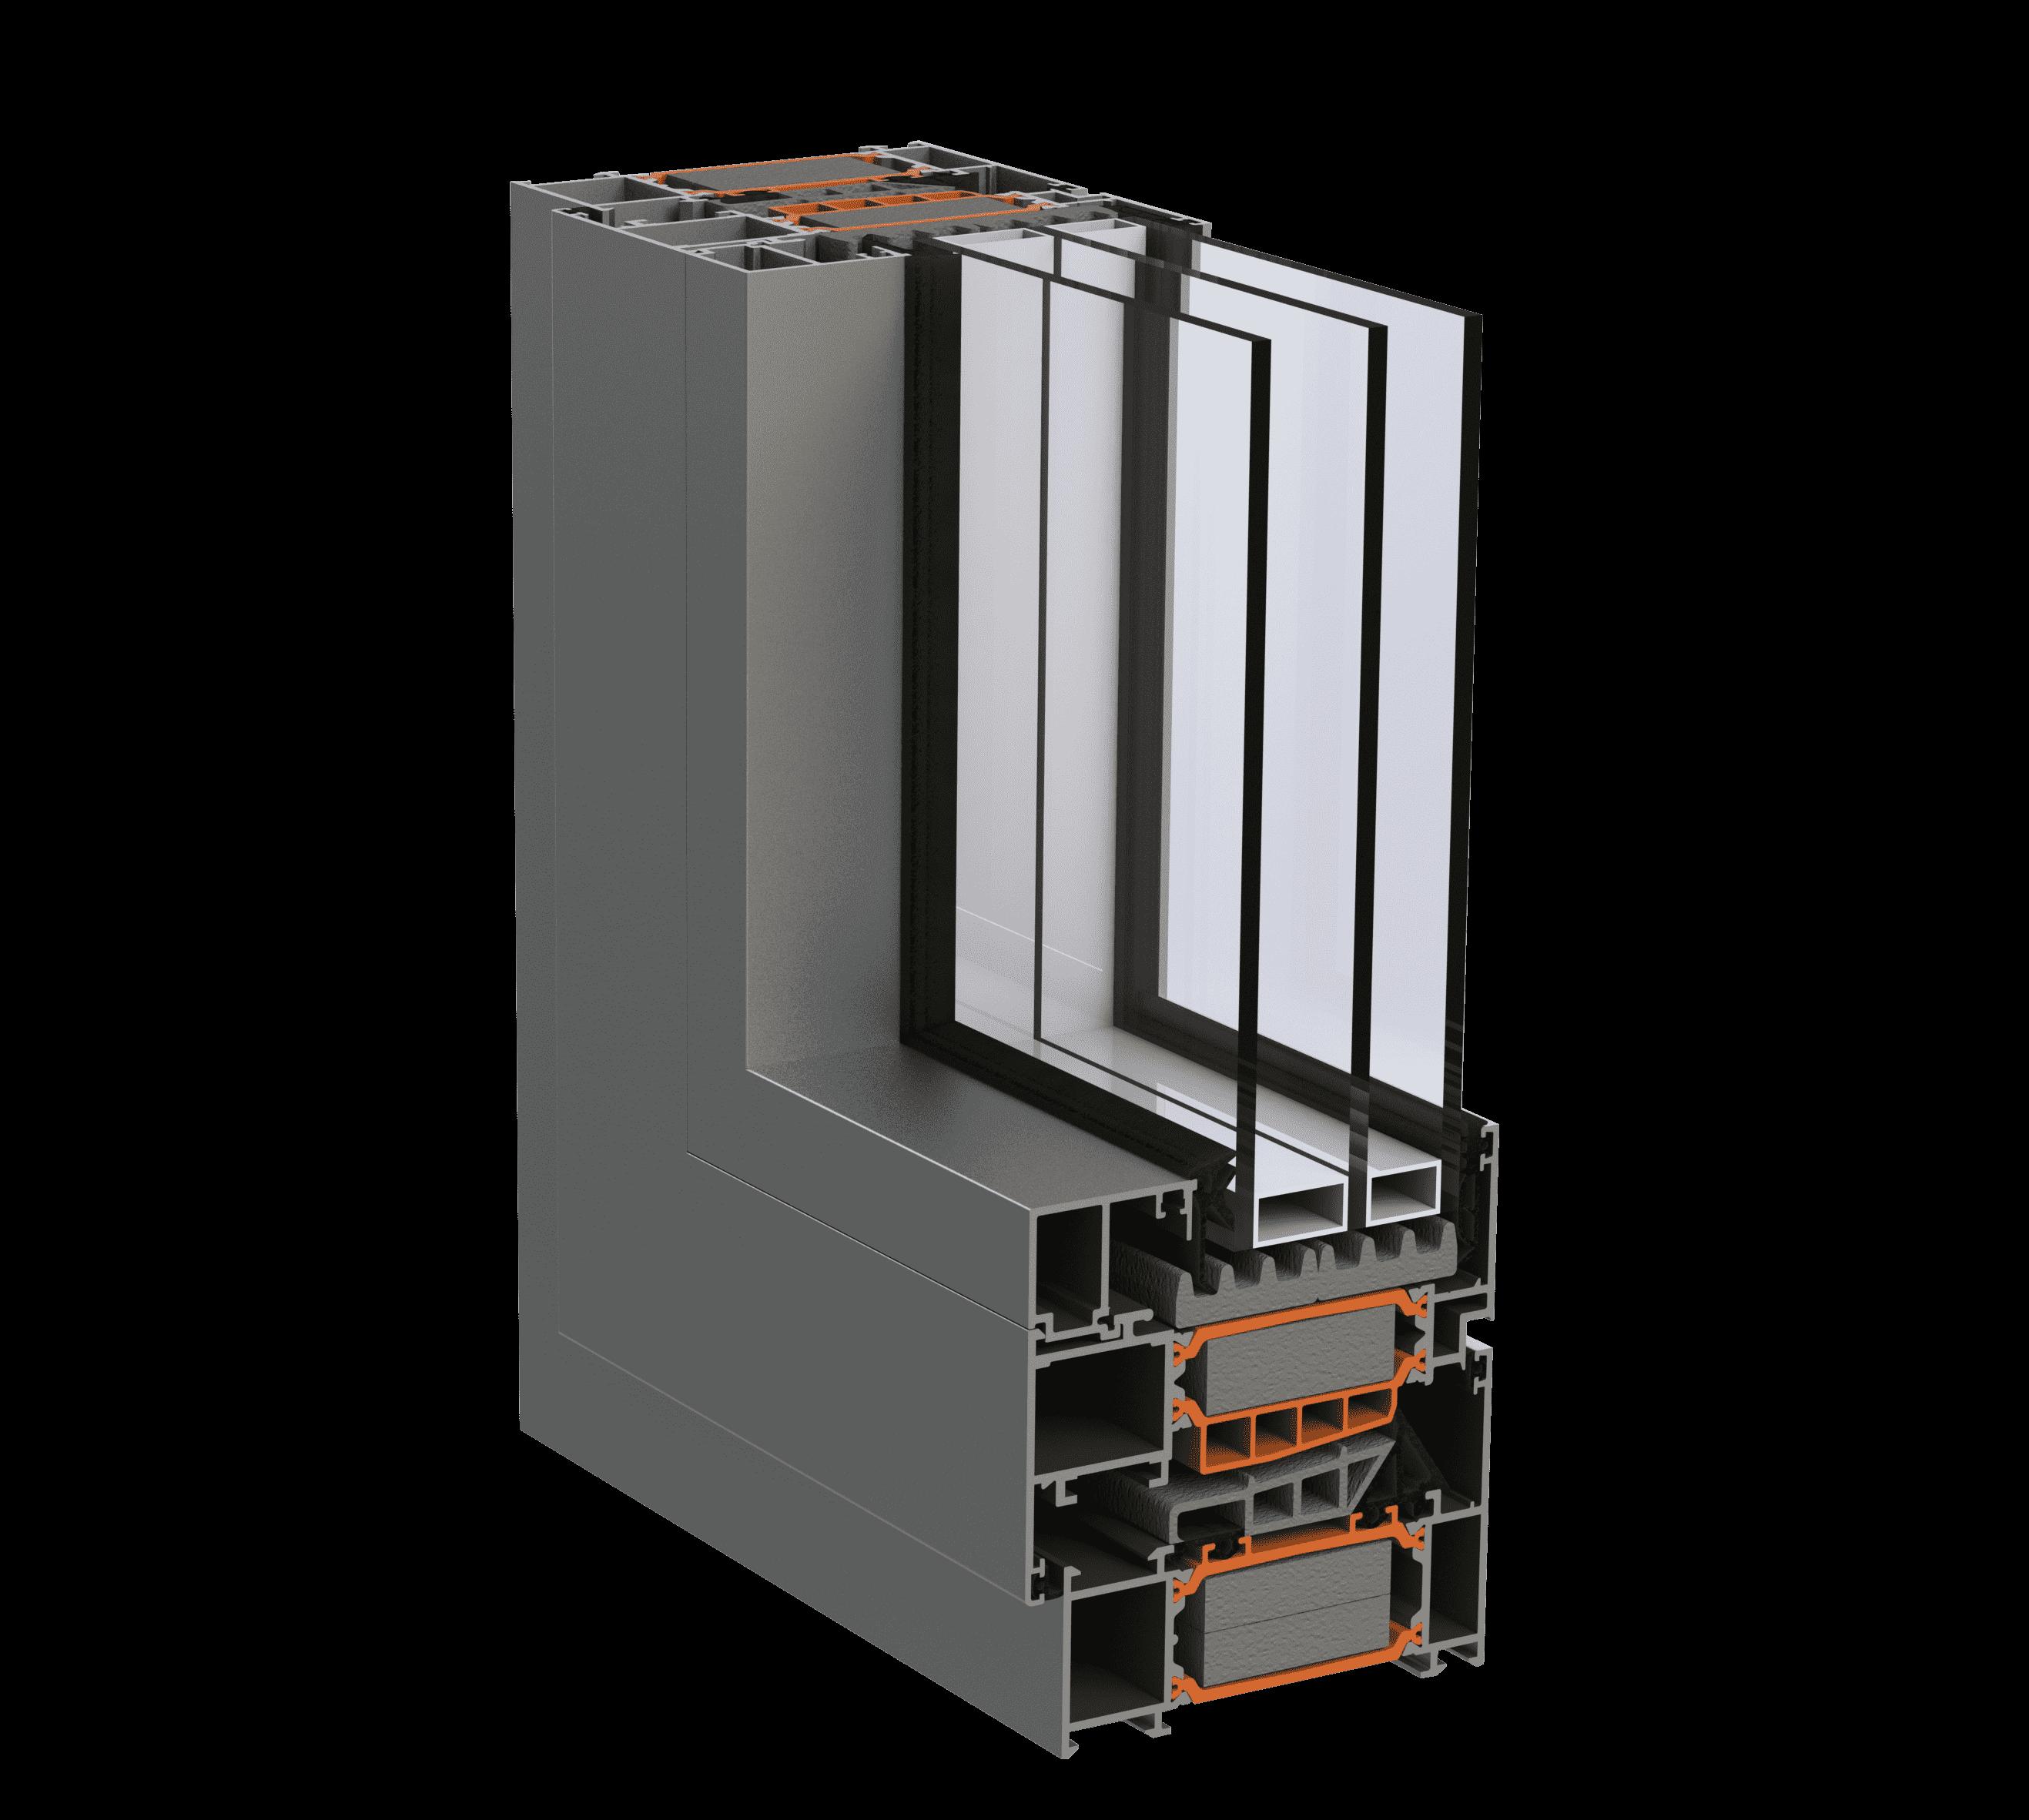 Віконно - дверна алюмінієва система alumil S91 для дилерів від EKIPAZH